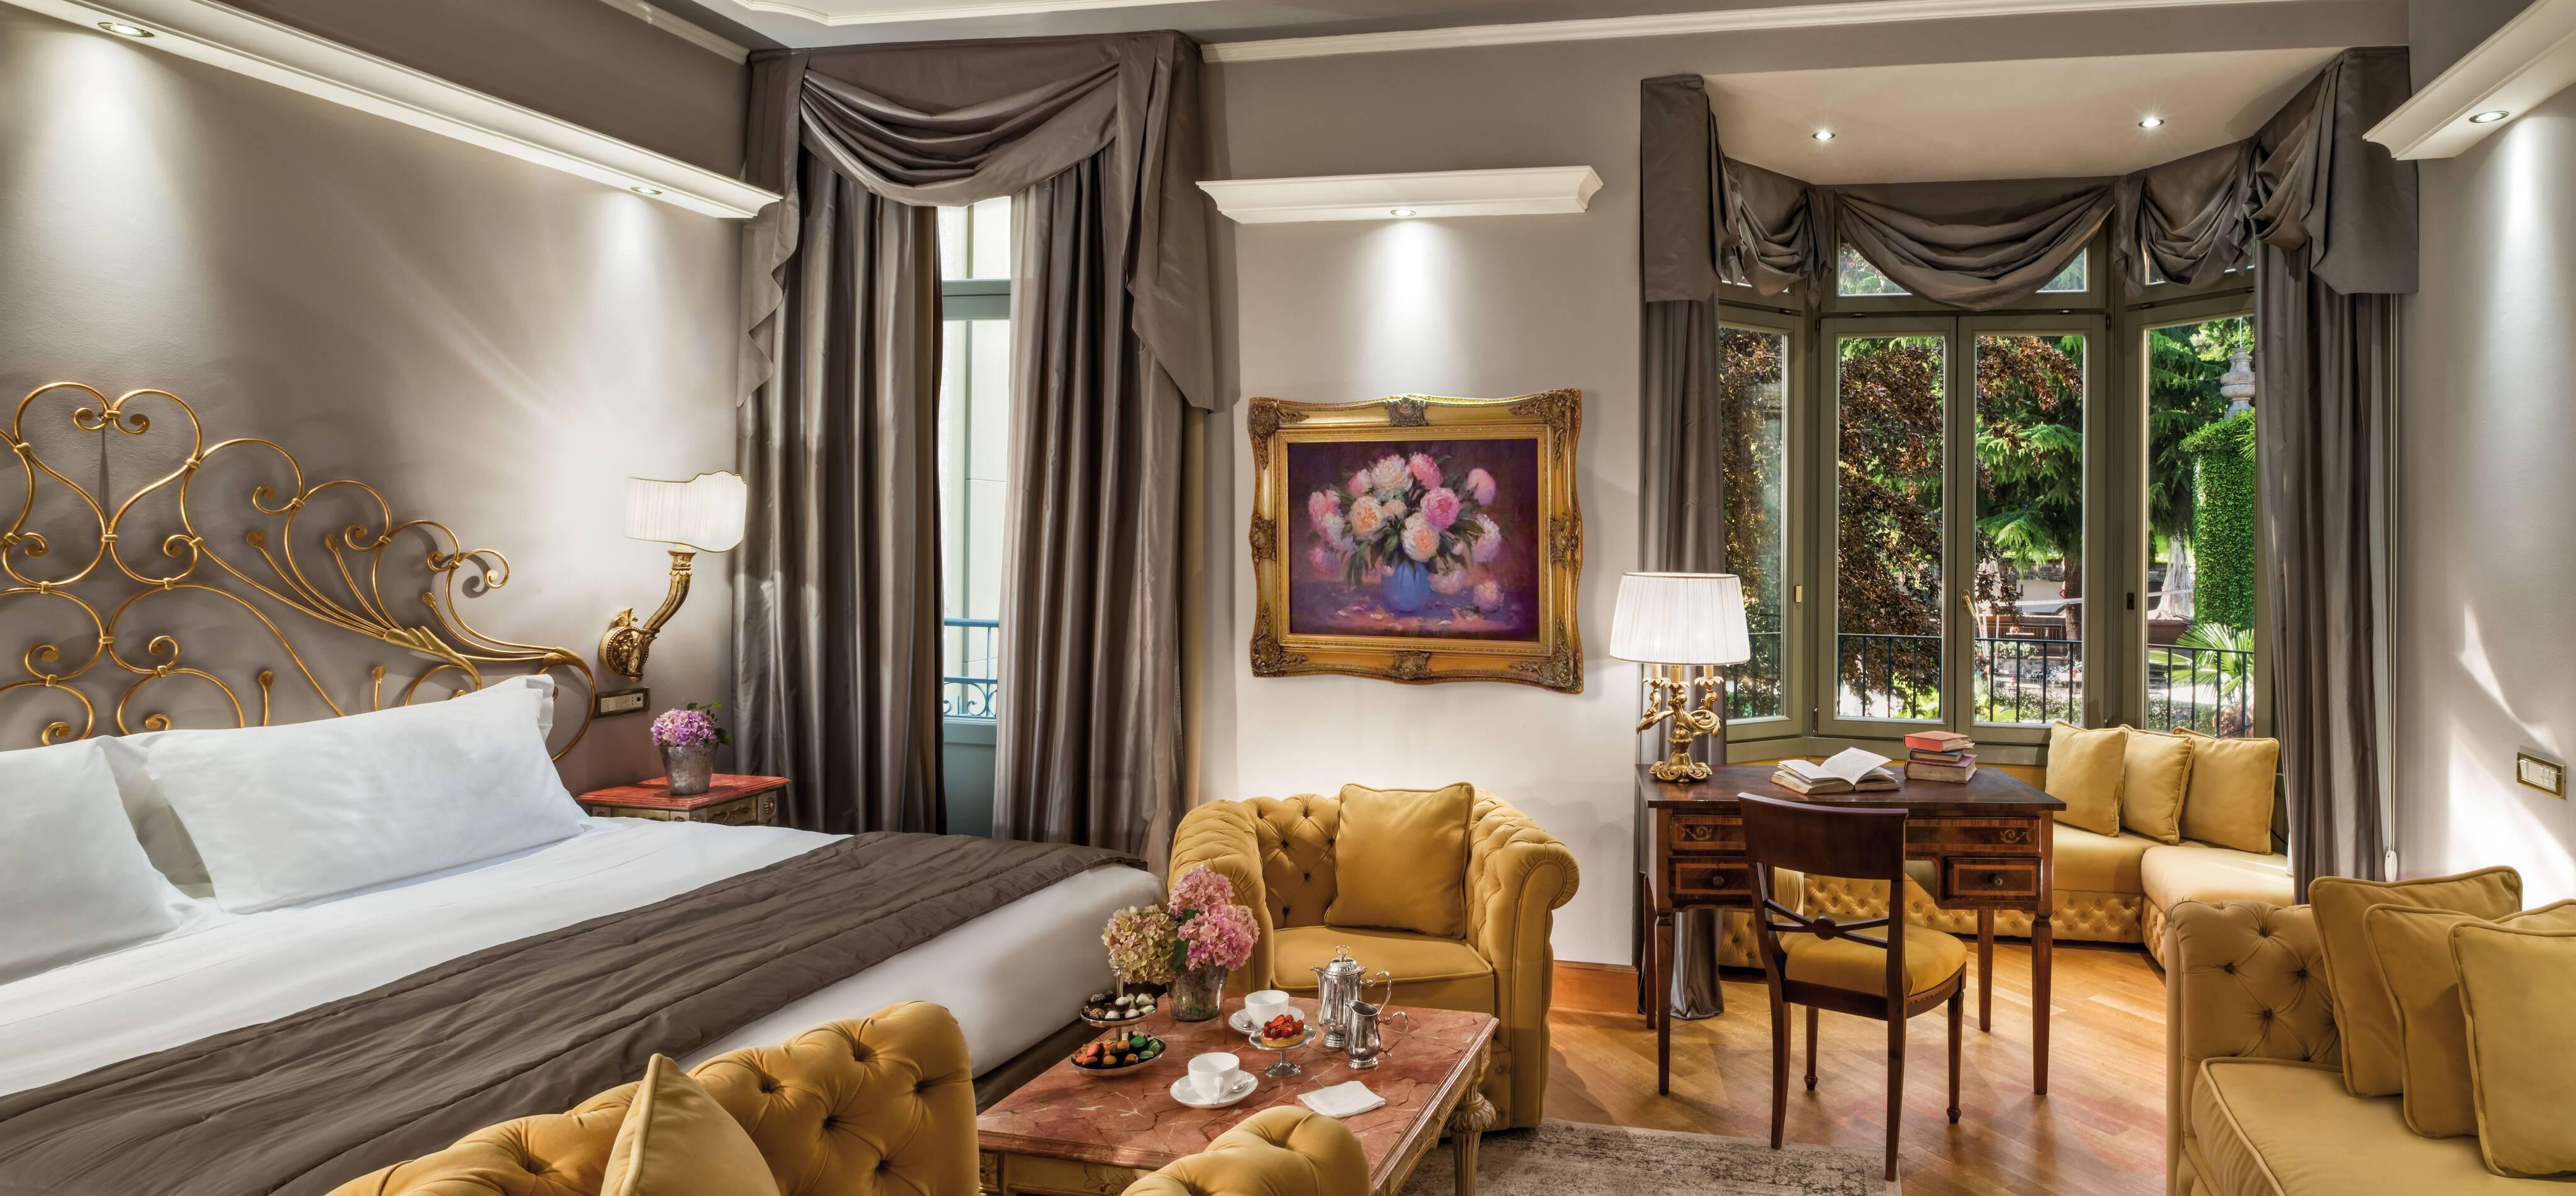 Grand Hotel Tremezzo Lac Come view deluxe chambre tommy picone